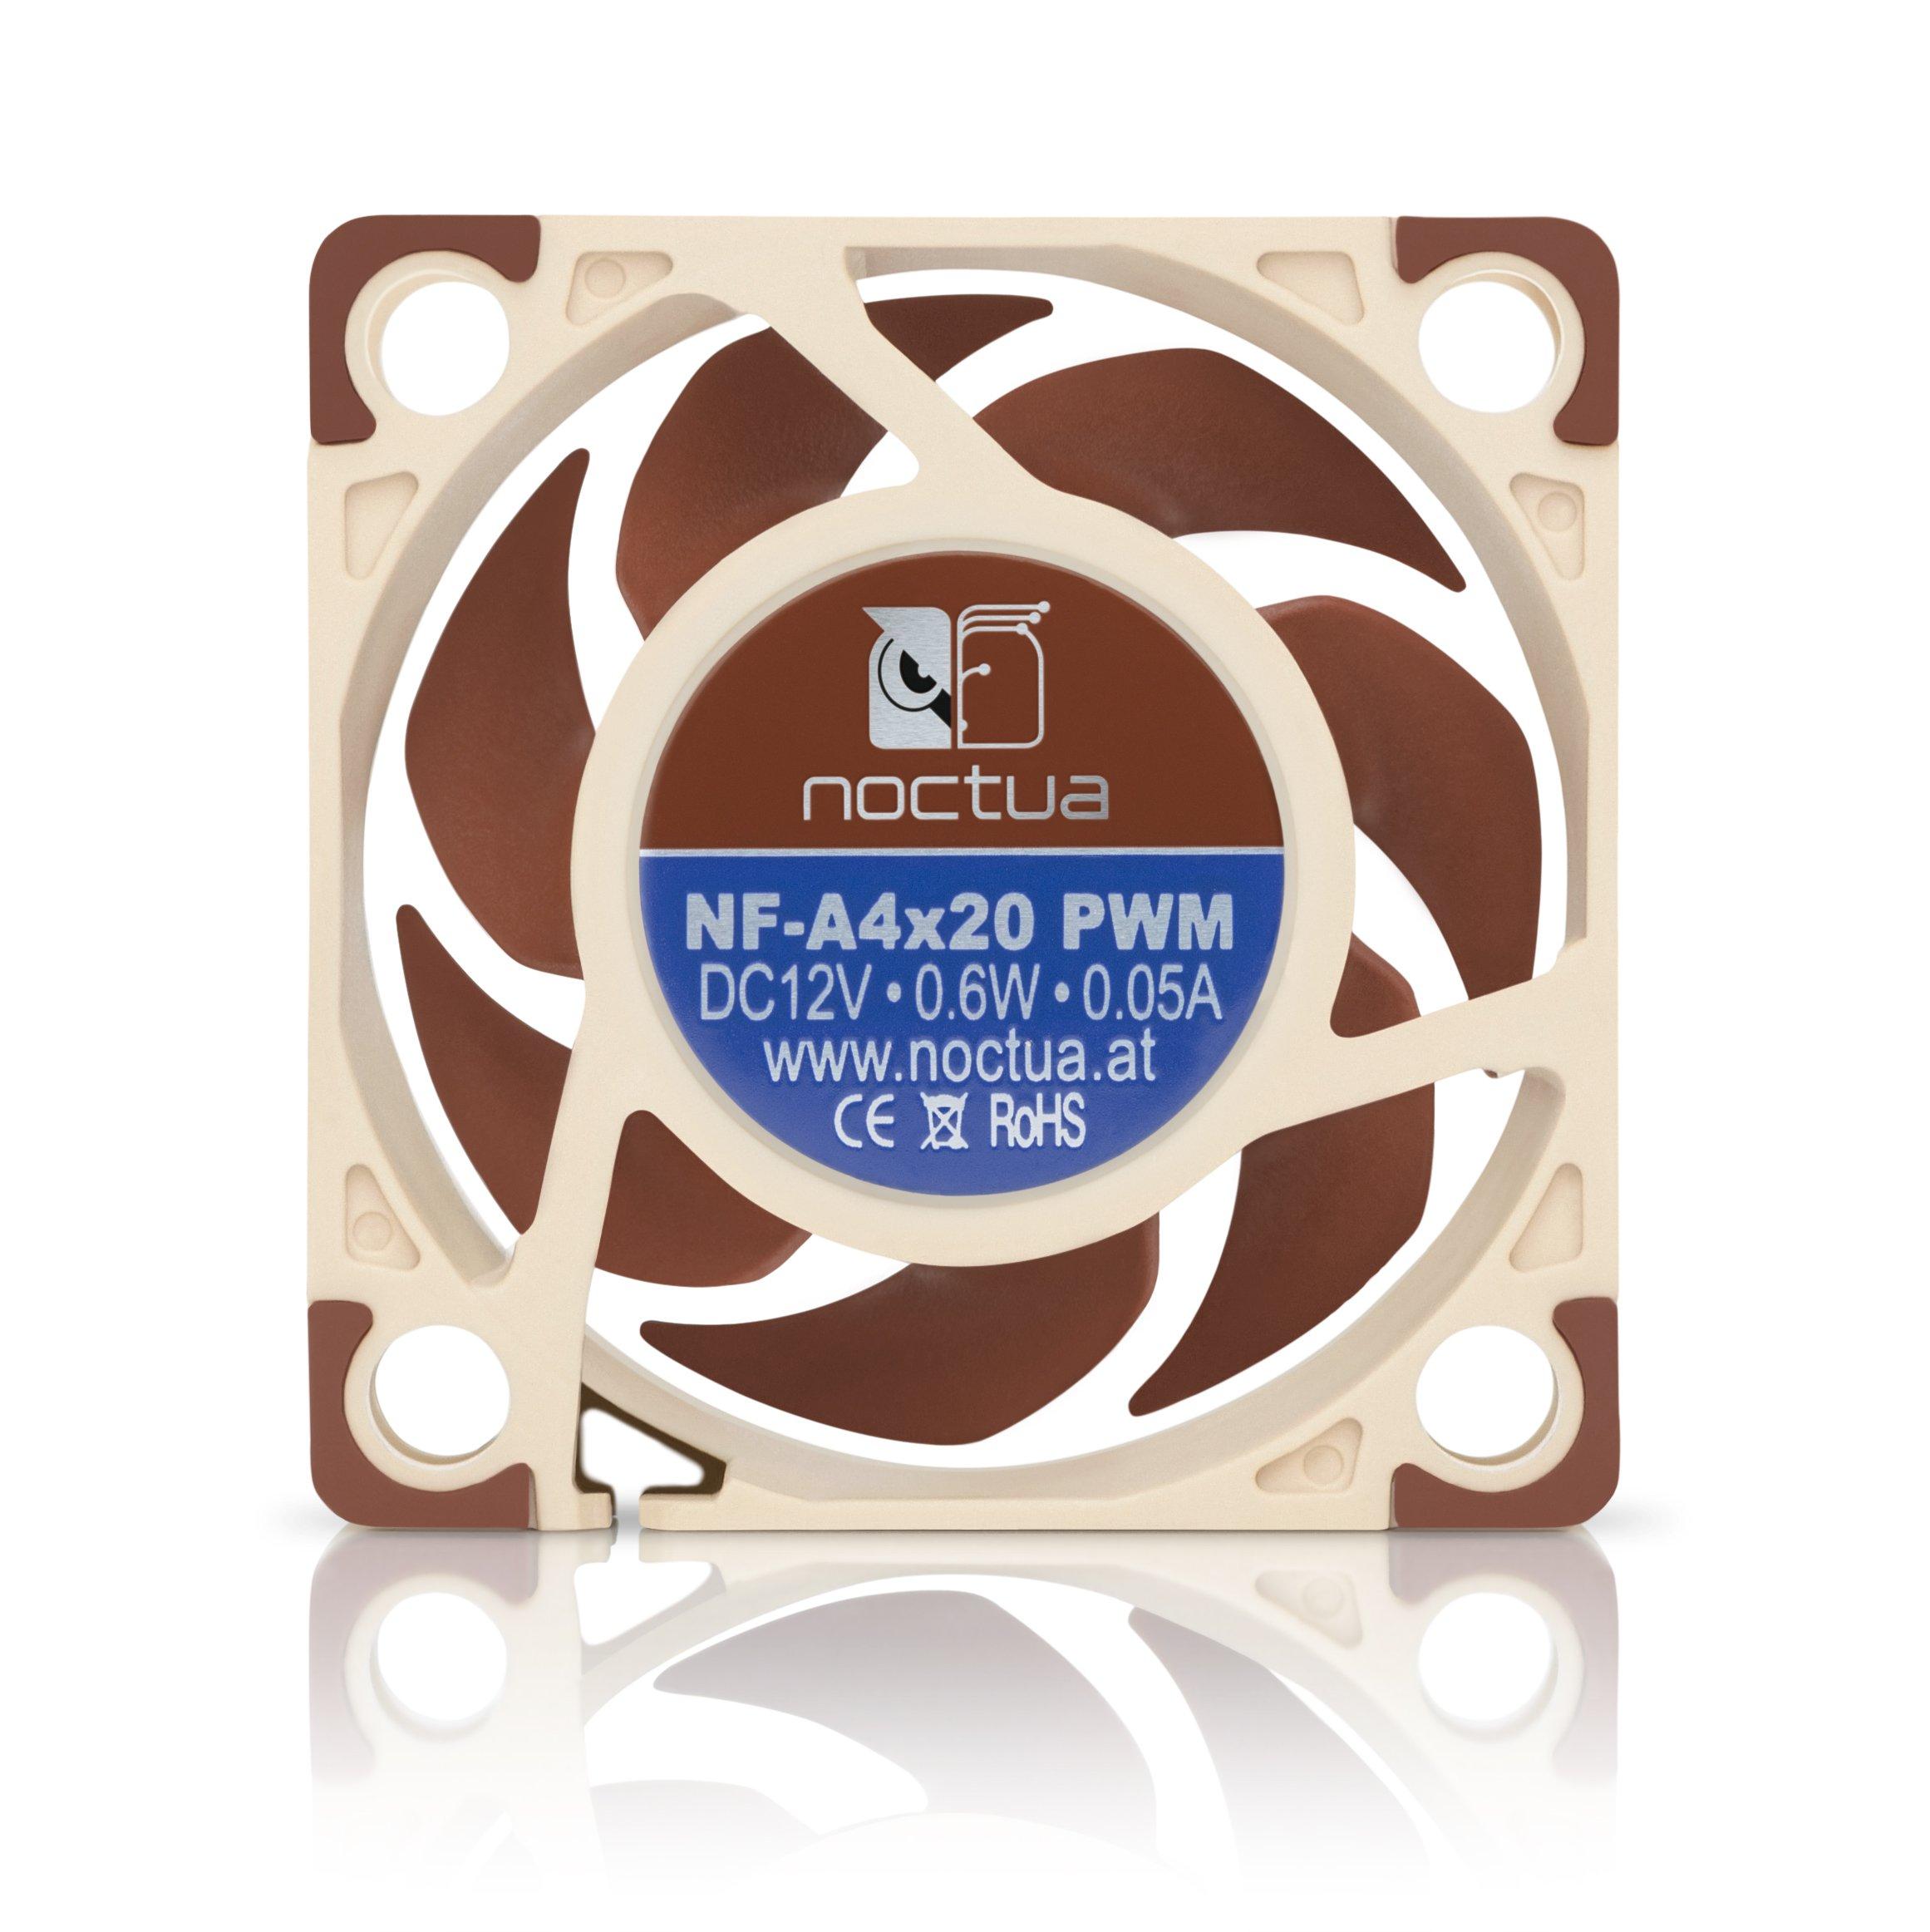 Noctua NF-A4x20 PWM premium-quality quiet 40mm fan